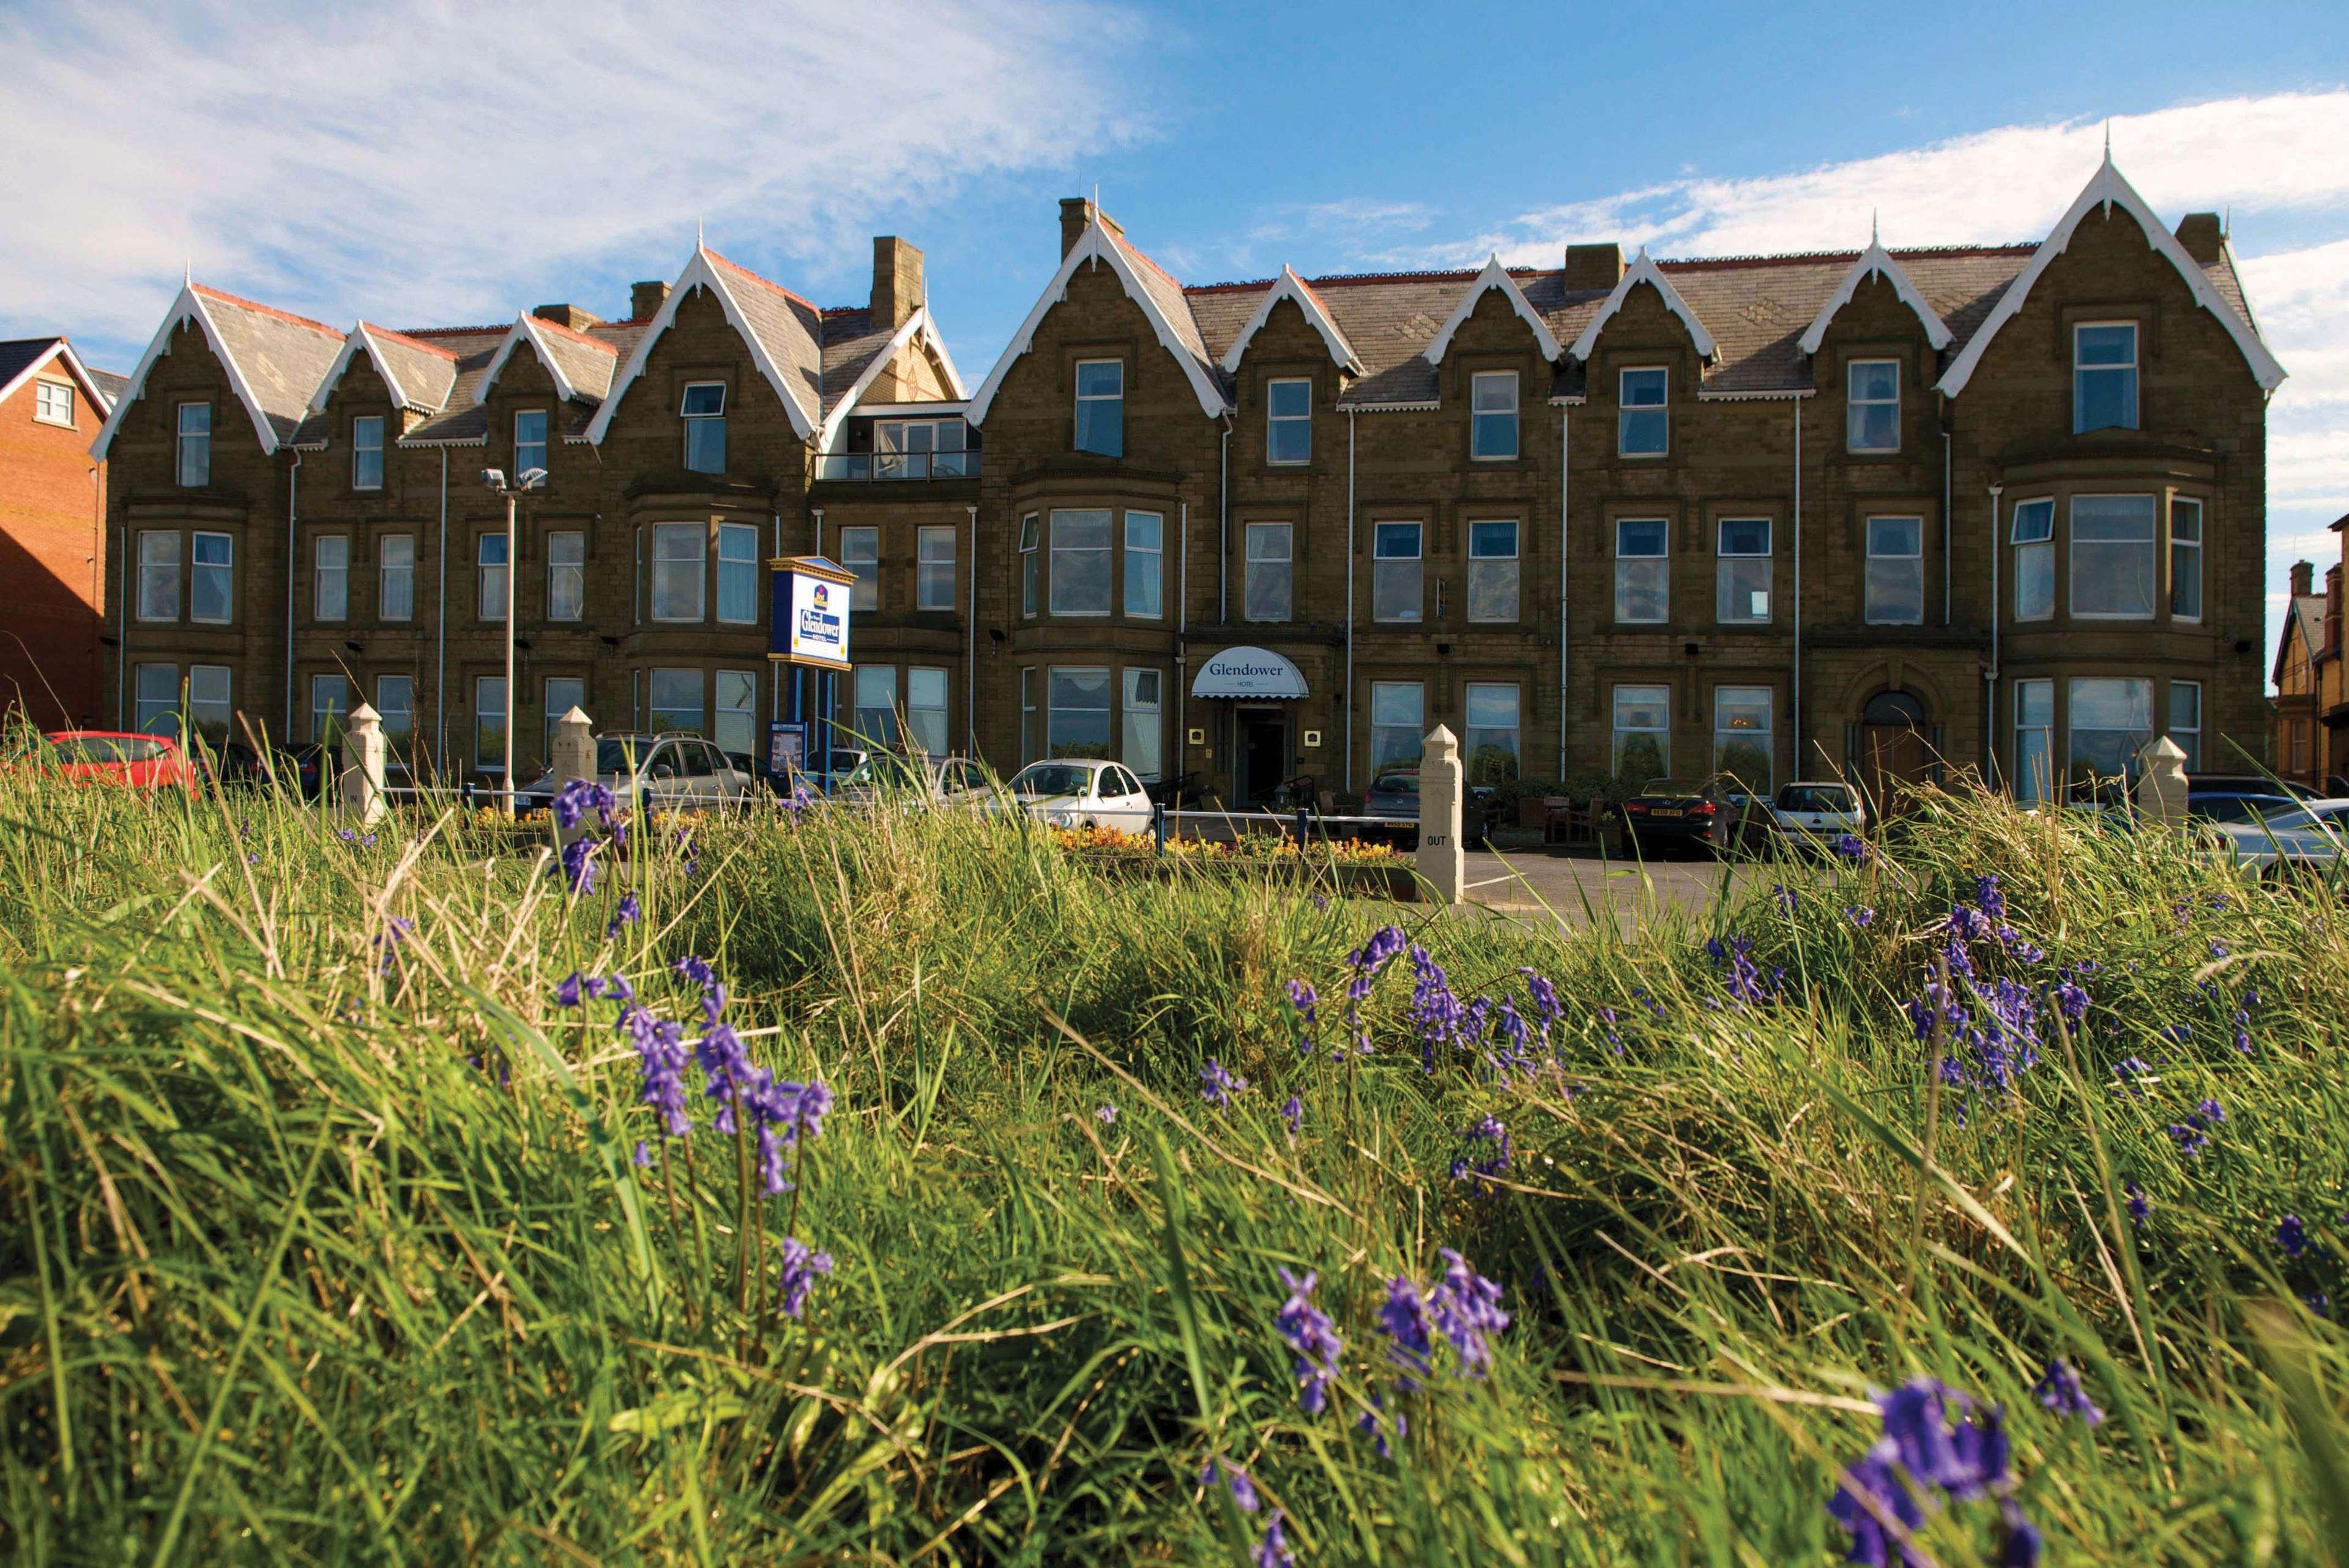 The Glendower Hotel St Annes